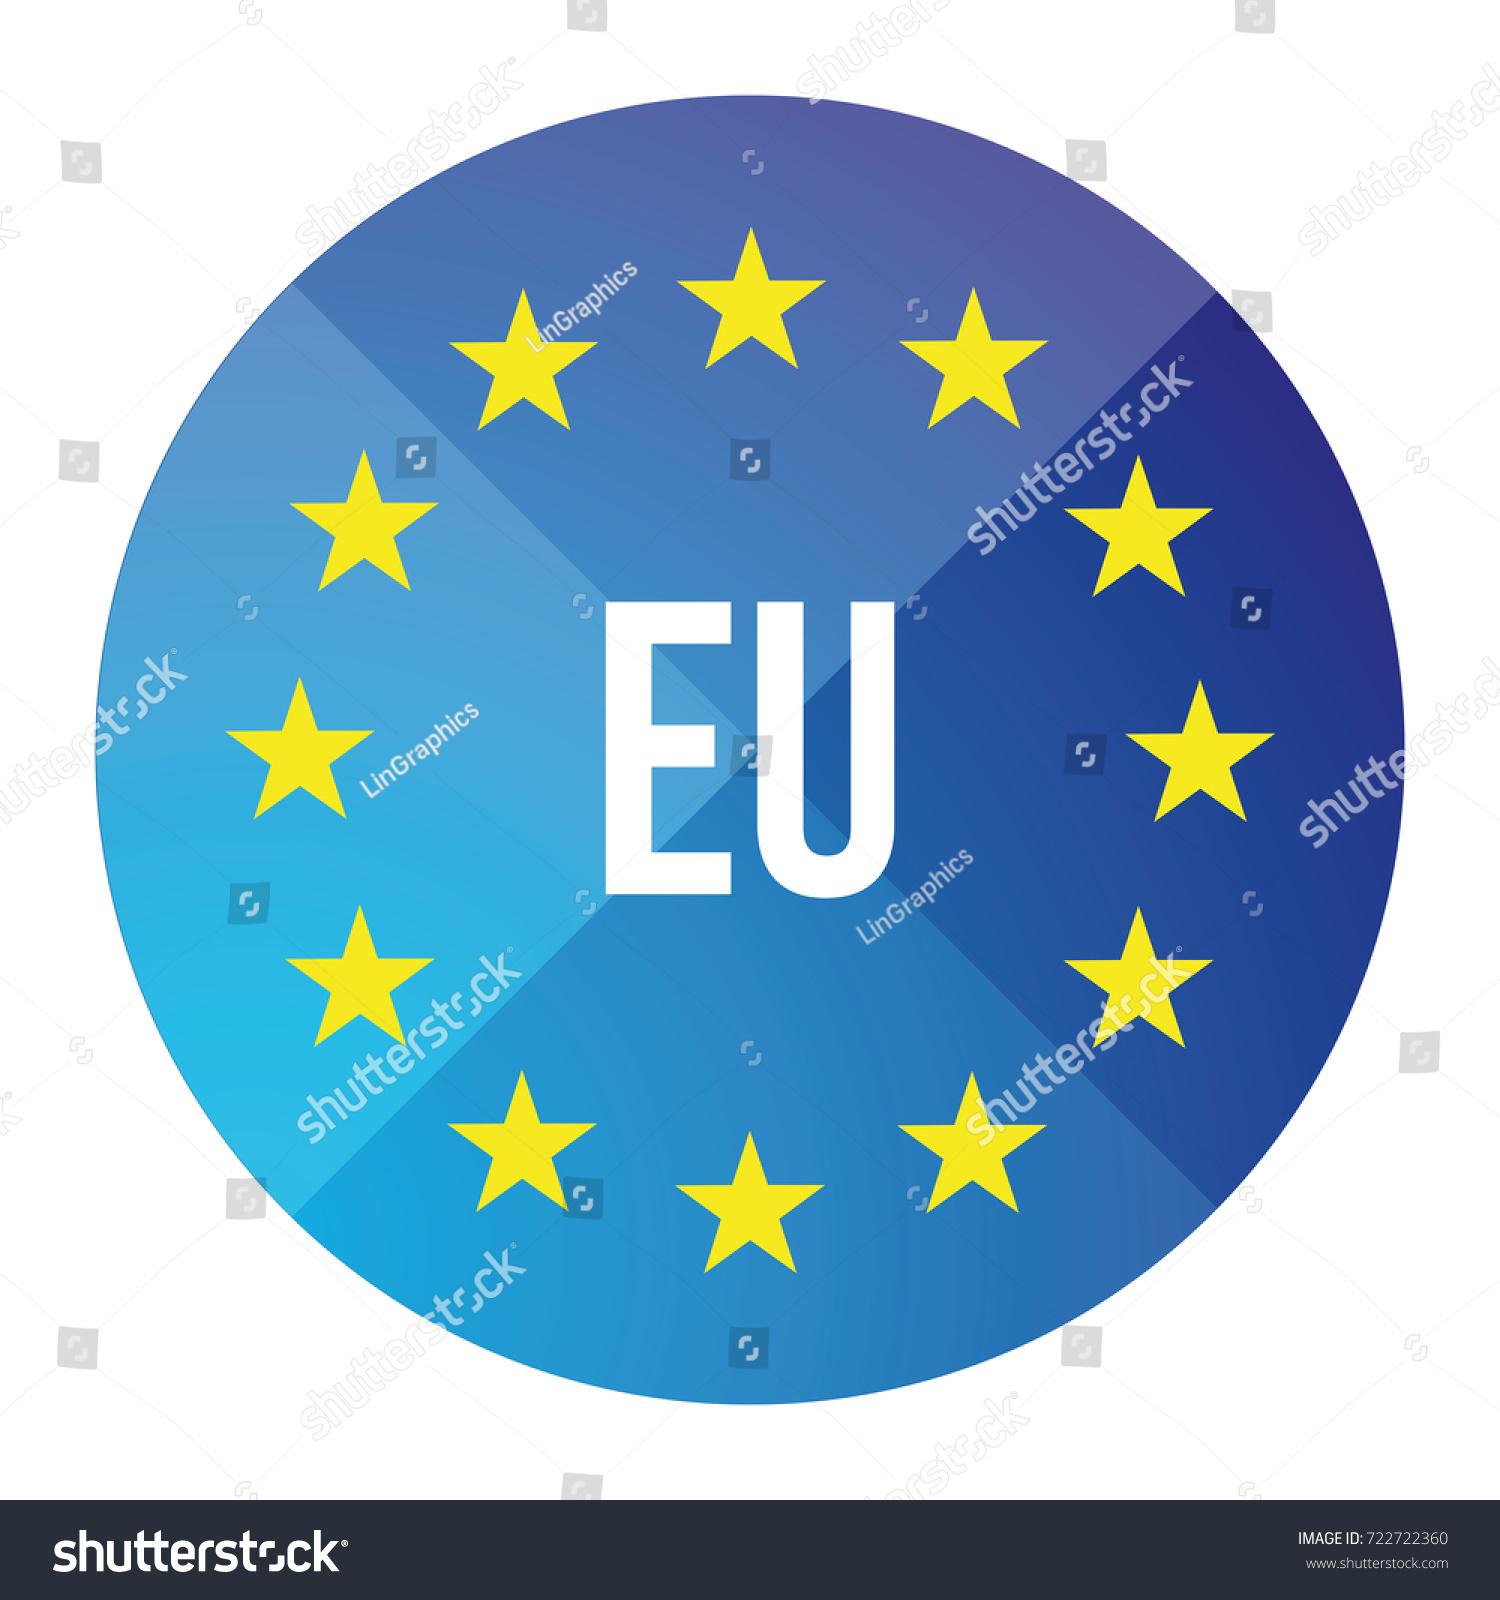 eu logo european union button stock vector 722722360